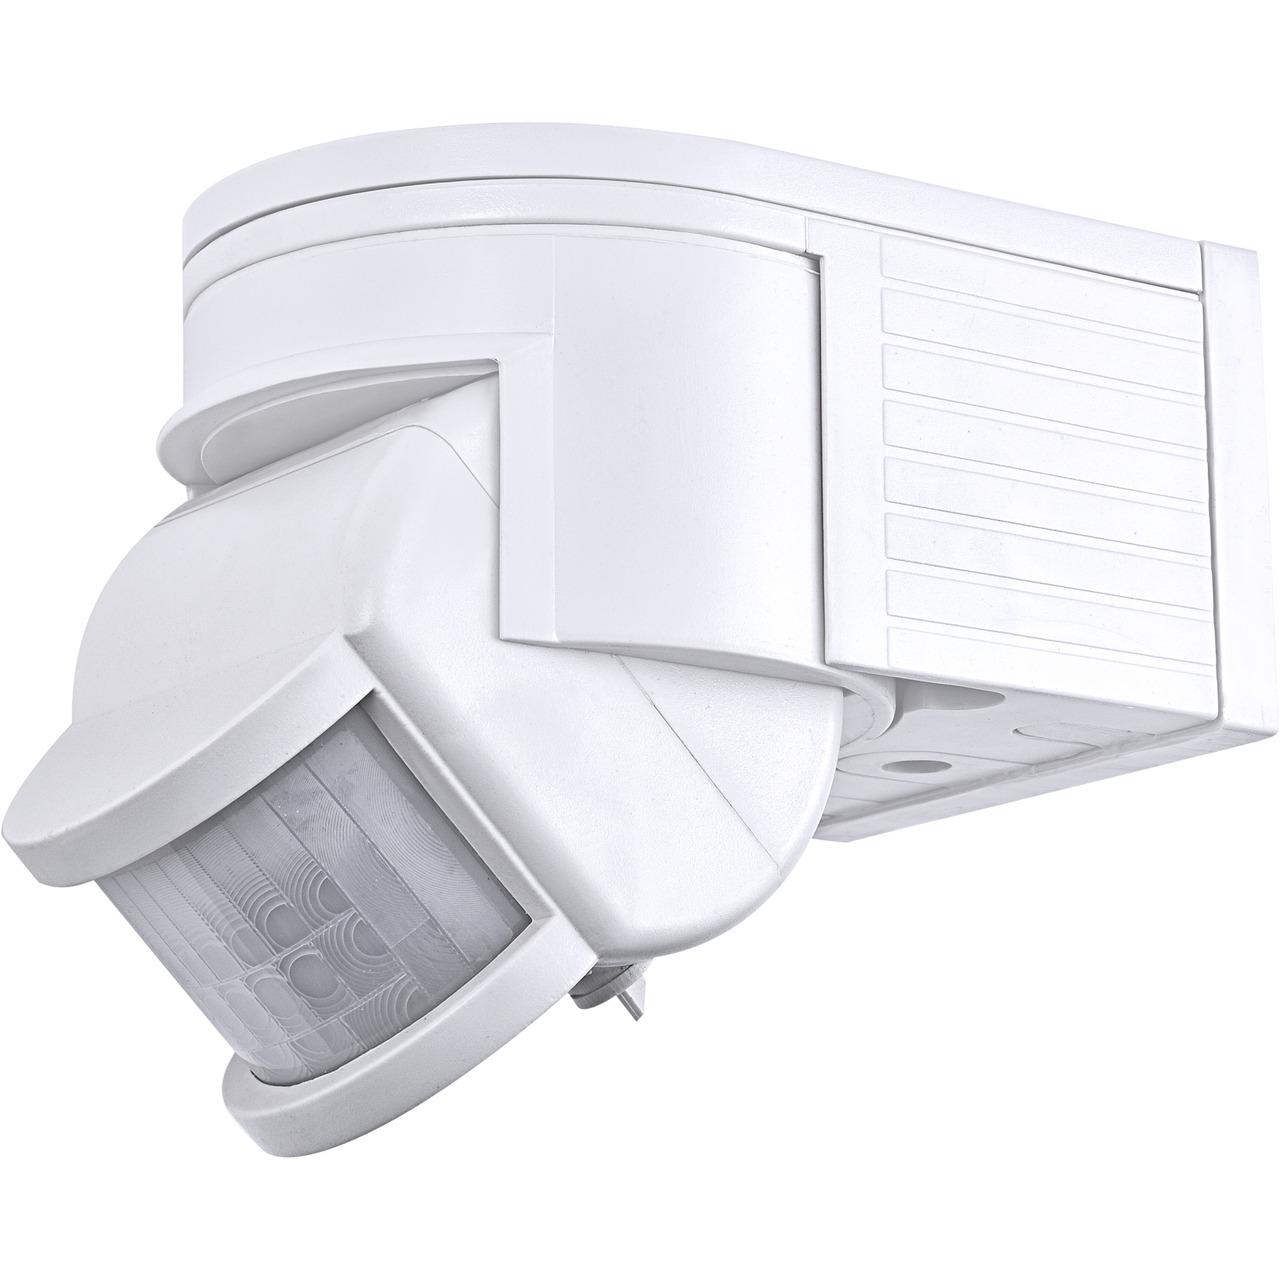 HEITRONIC SALO 180- Bewegungsmelder- weiss- LED-geeignet